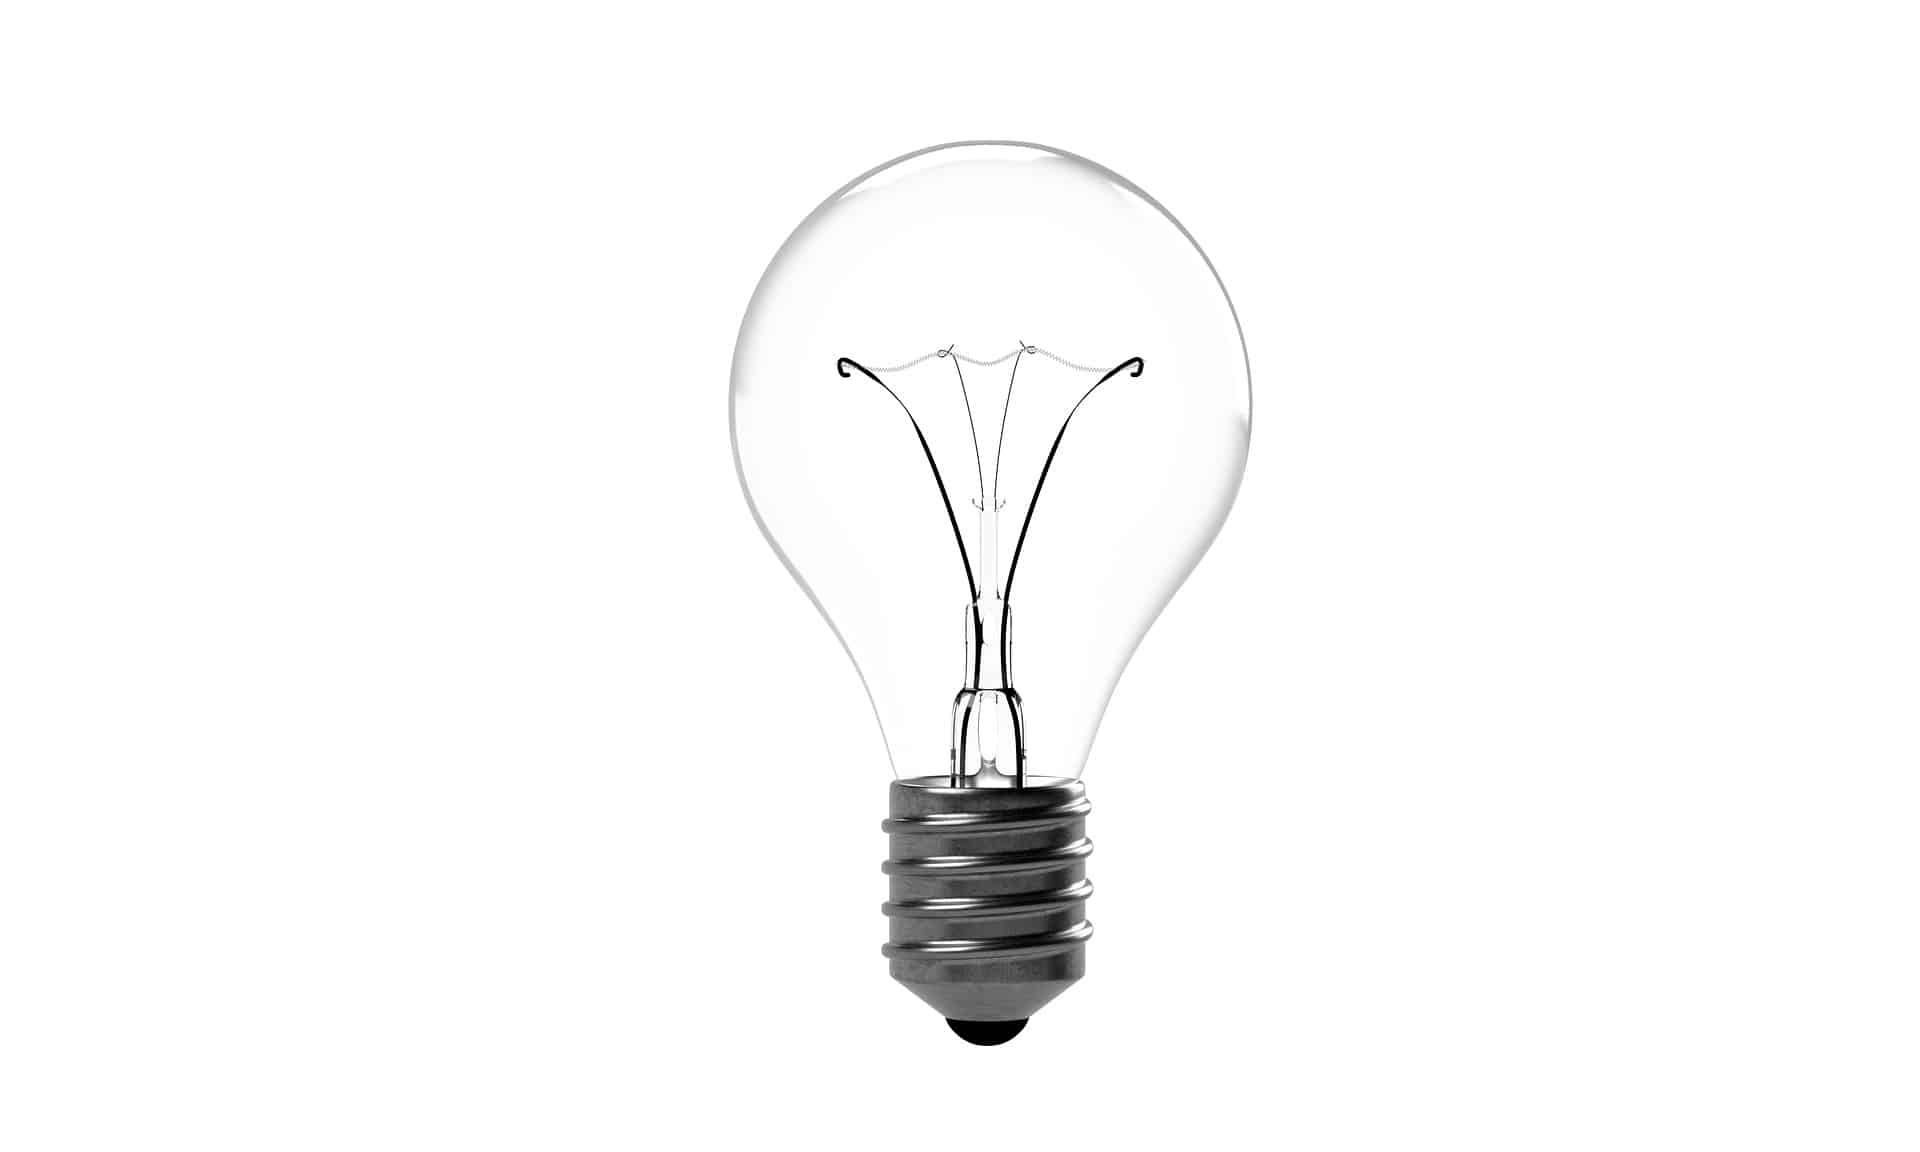 Unlit lightbulb